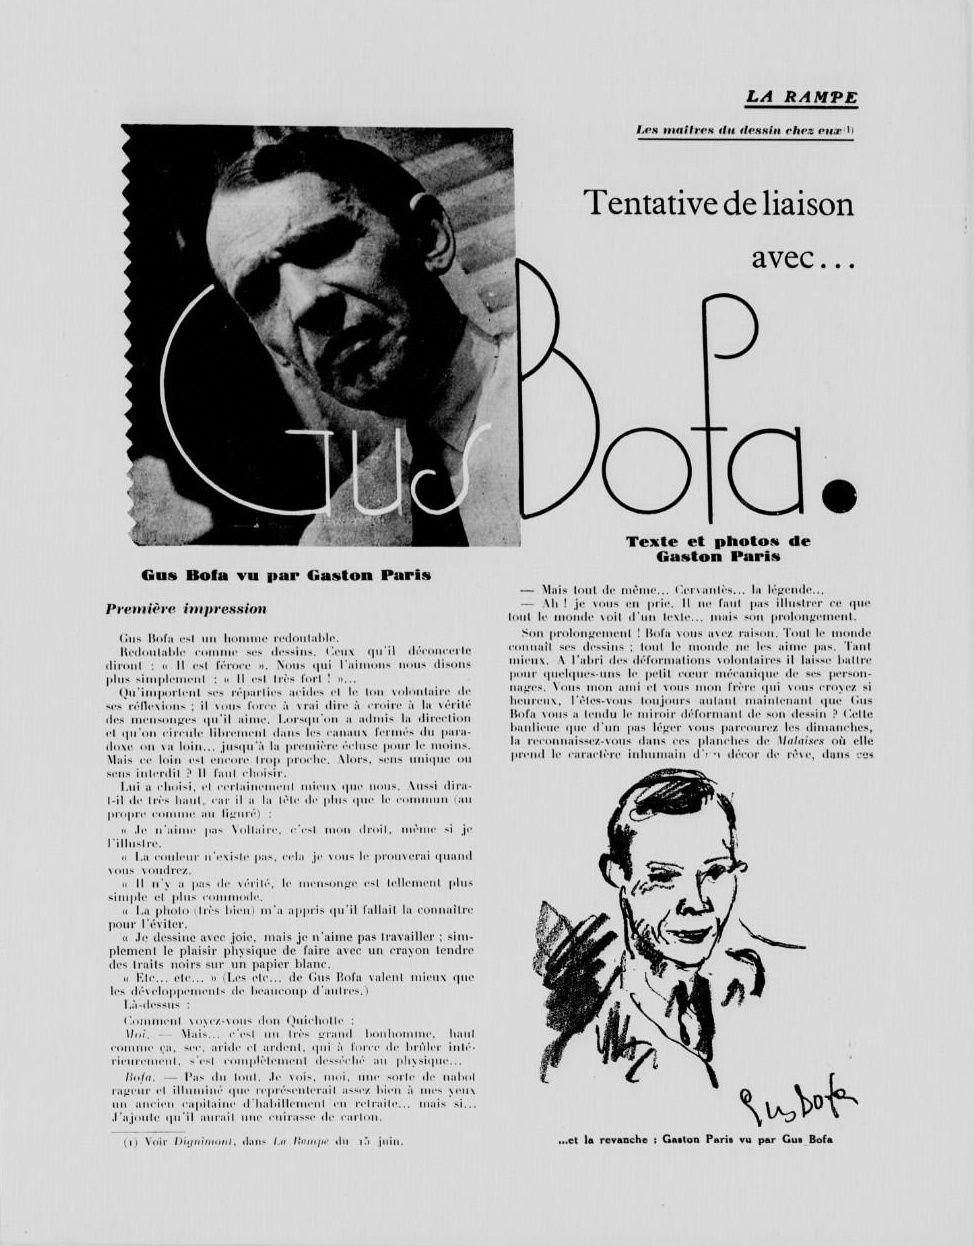 Gaston Paris - Les Maîtres du dessin chez eux : Gus Bofa in La Rampe n°564 du 1er juillet 1932.